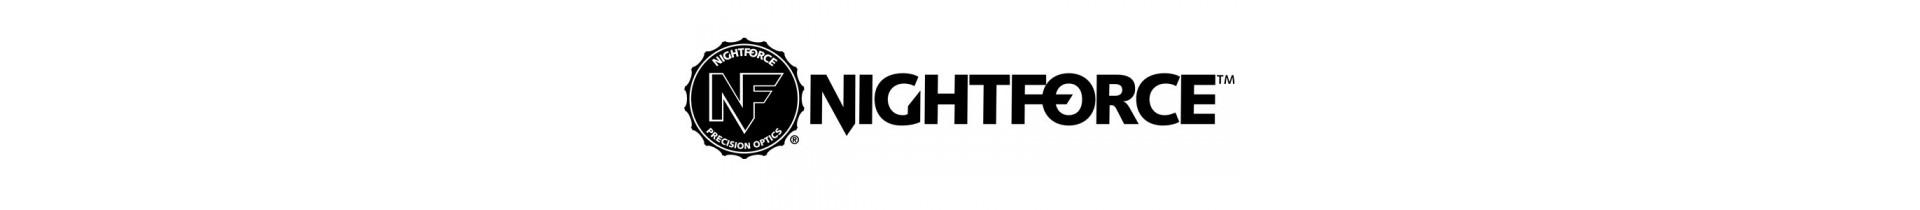 Une sélection d'optique de qualité prenium, nightforce est la marque la plus qualitative du marché de l'optique sur votre boutique www.tactirshop.fr